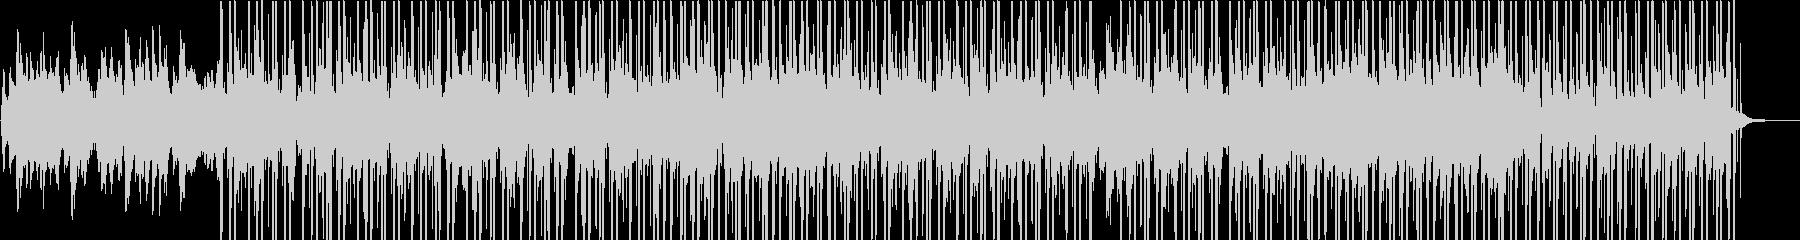 ピアノ&ハープが特徴のチルなトラックの未再生の波形